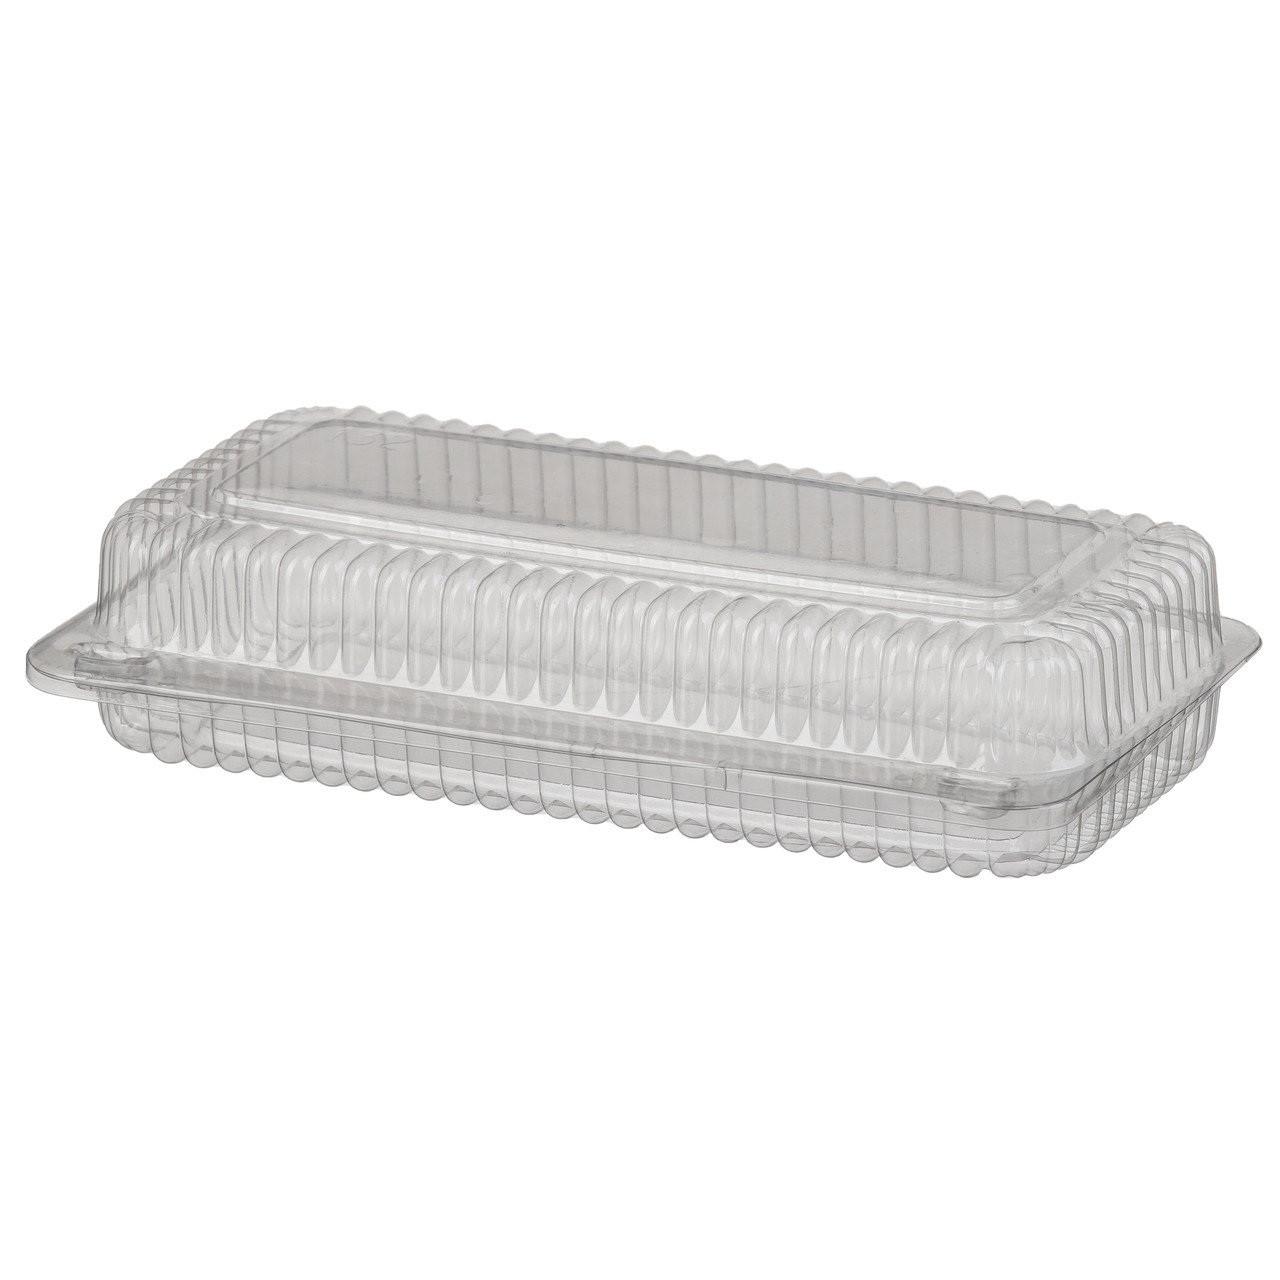 Контейнер одноразовий харчовий, пластикова упаковка, блістер 325x125x56 мм, V=1650 мл